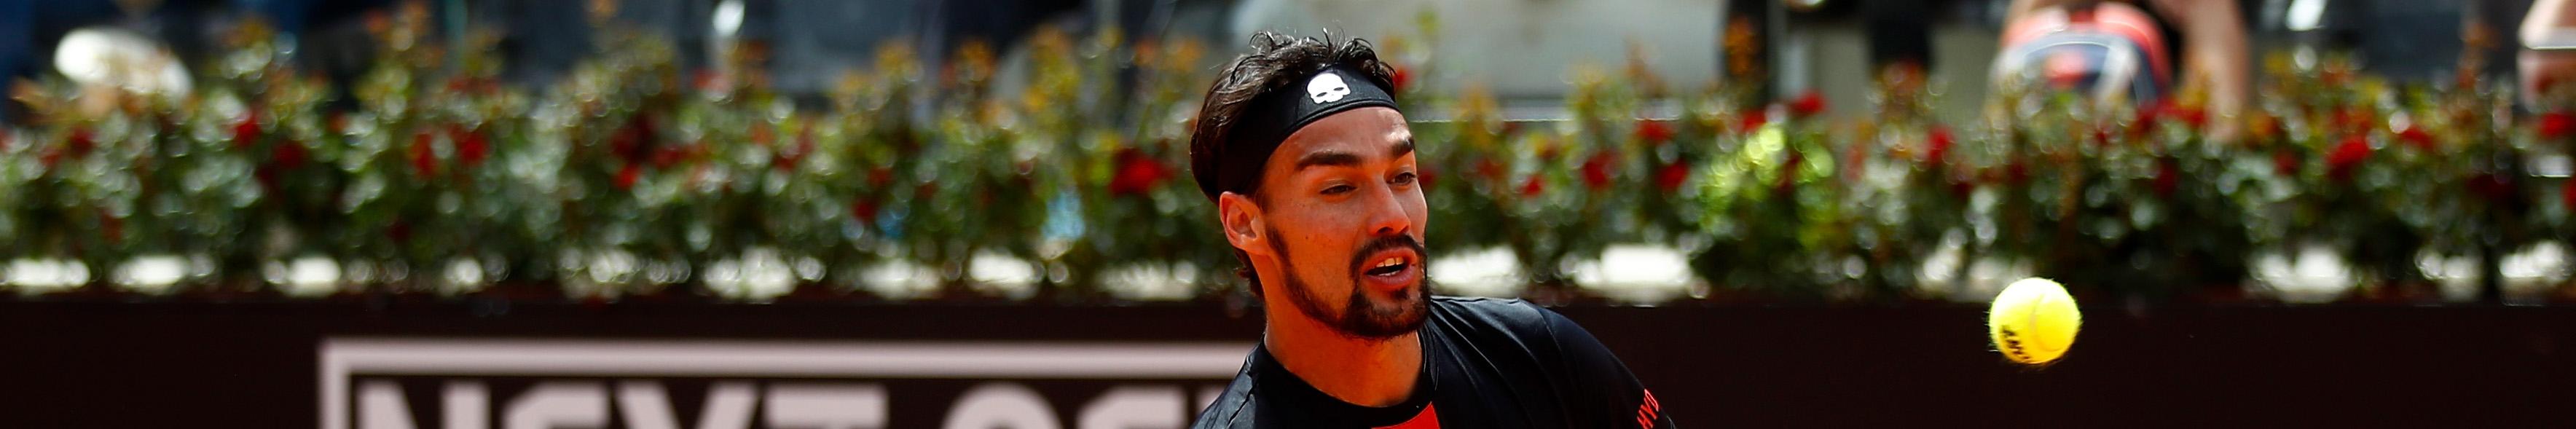 Diese 4 können Nadal bei den French Open gefährlich werden